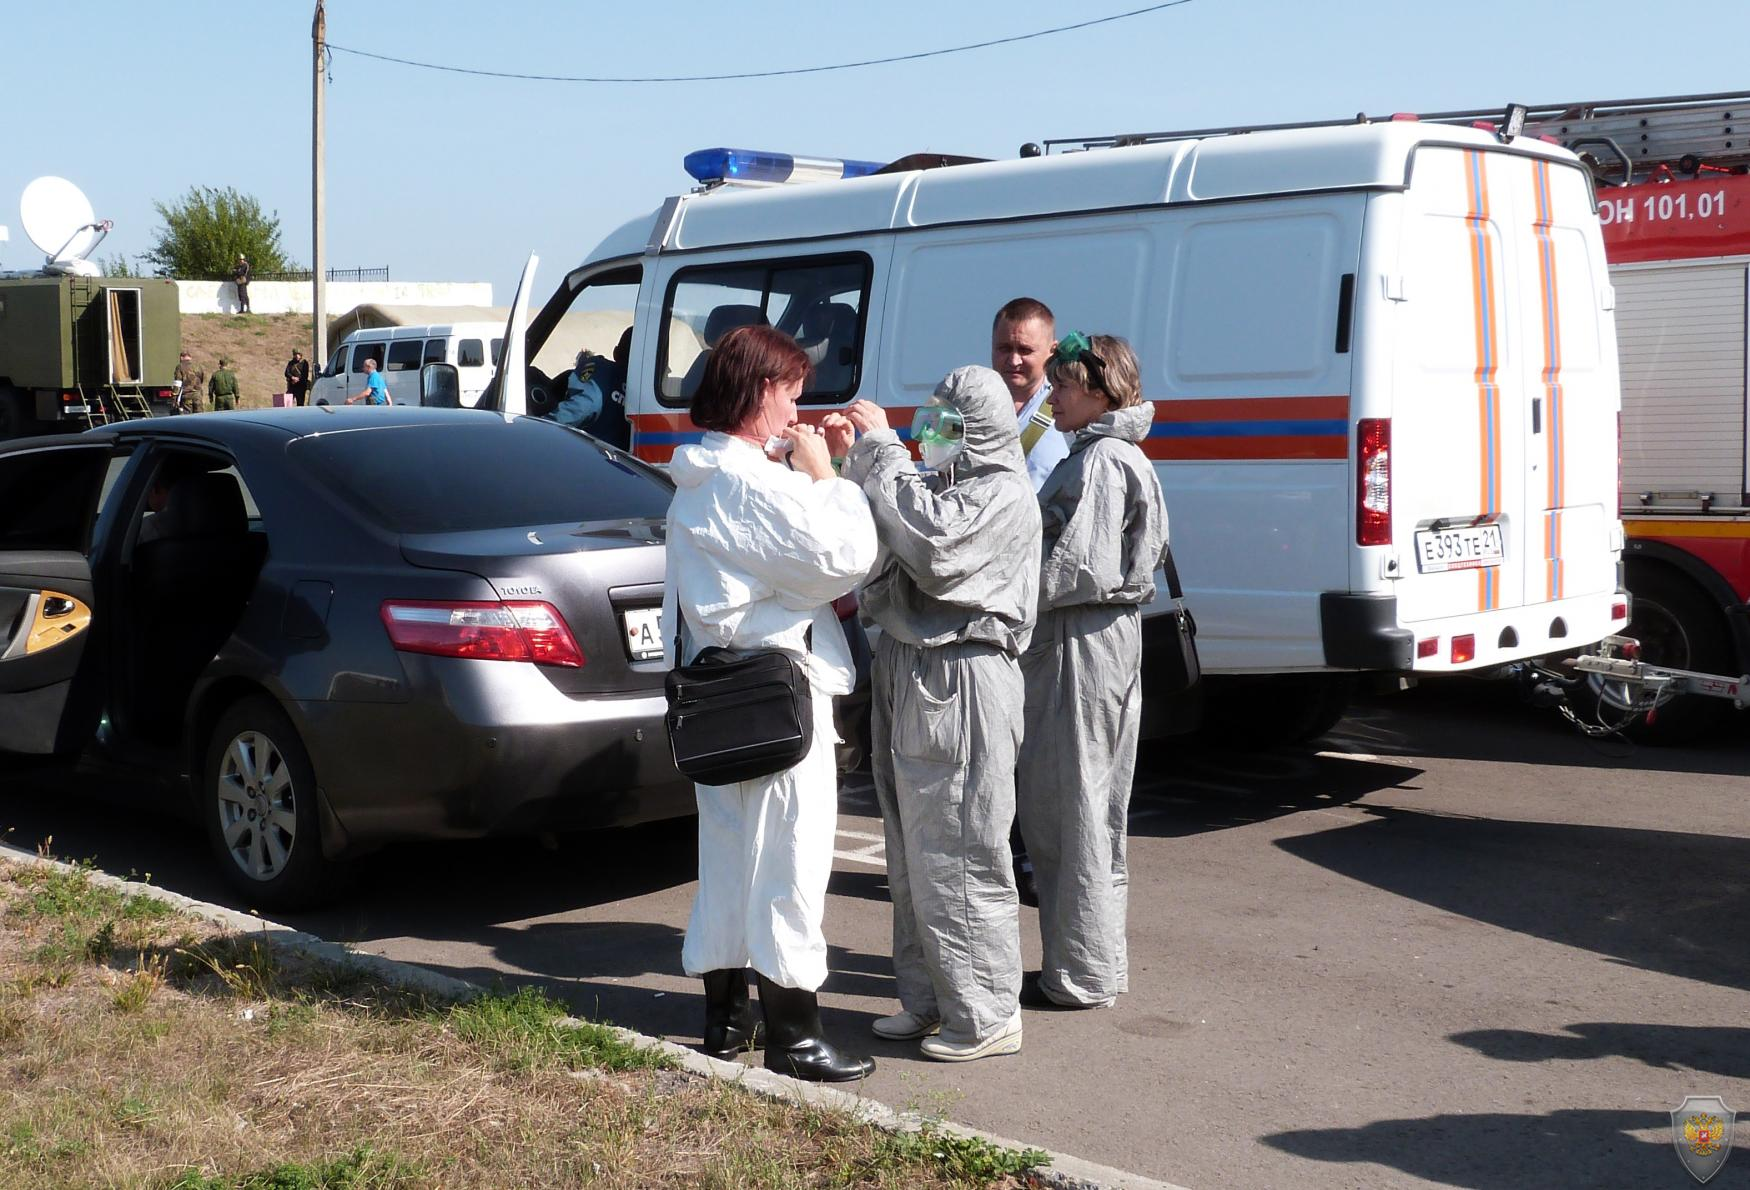 Оперативным штабом в Чувашской Республике проведено антитеррористическое учение по пресечению условного террористического акта на гидротехническом сооружении